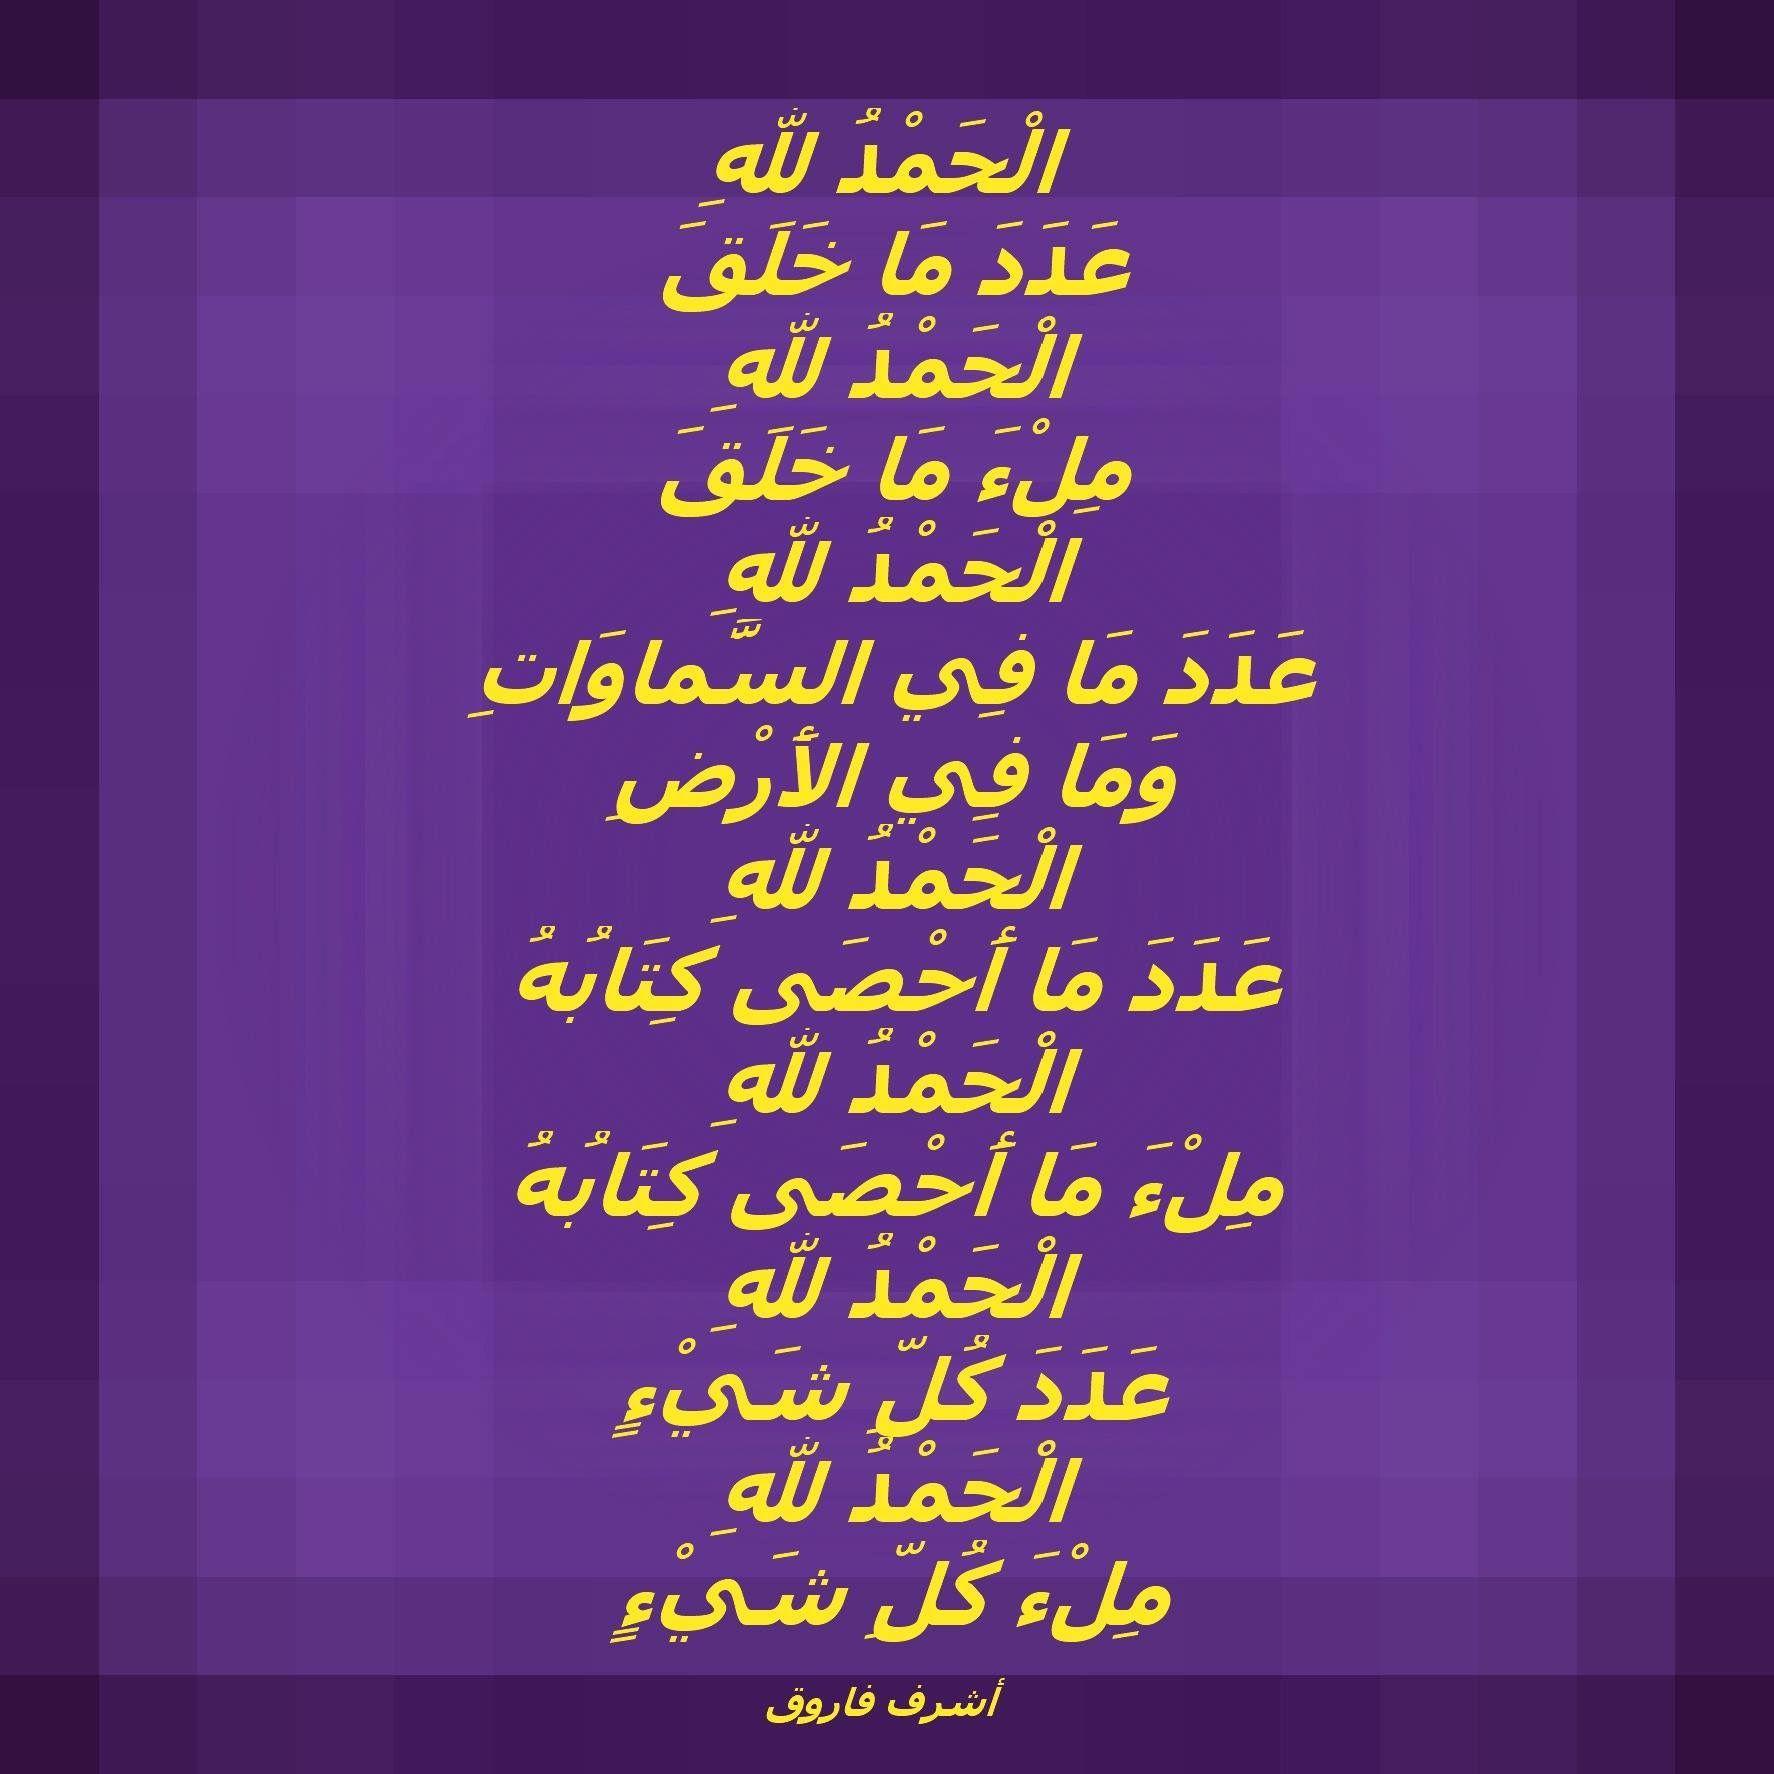 Pin By Khaled Bahnasawy On الحمد لله Islamic Art Art Weather